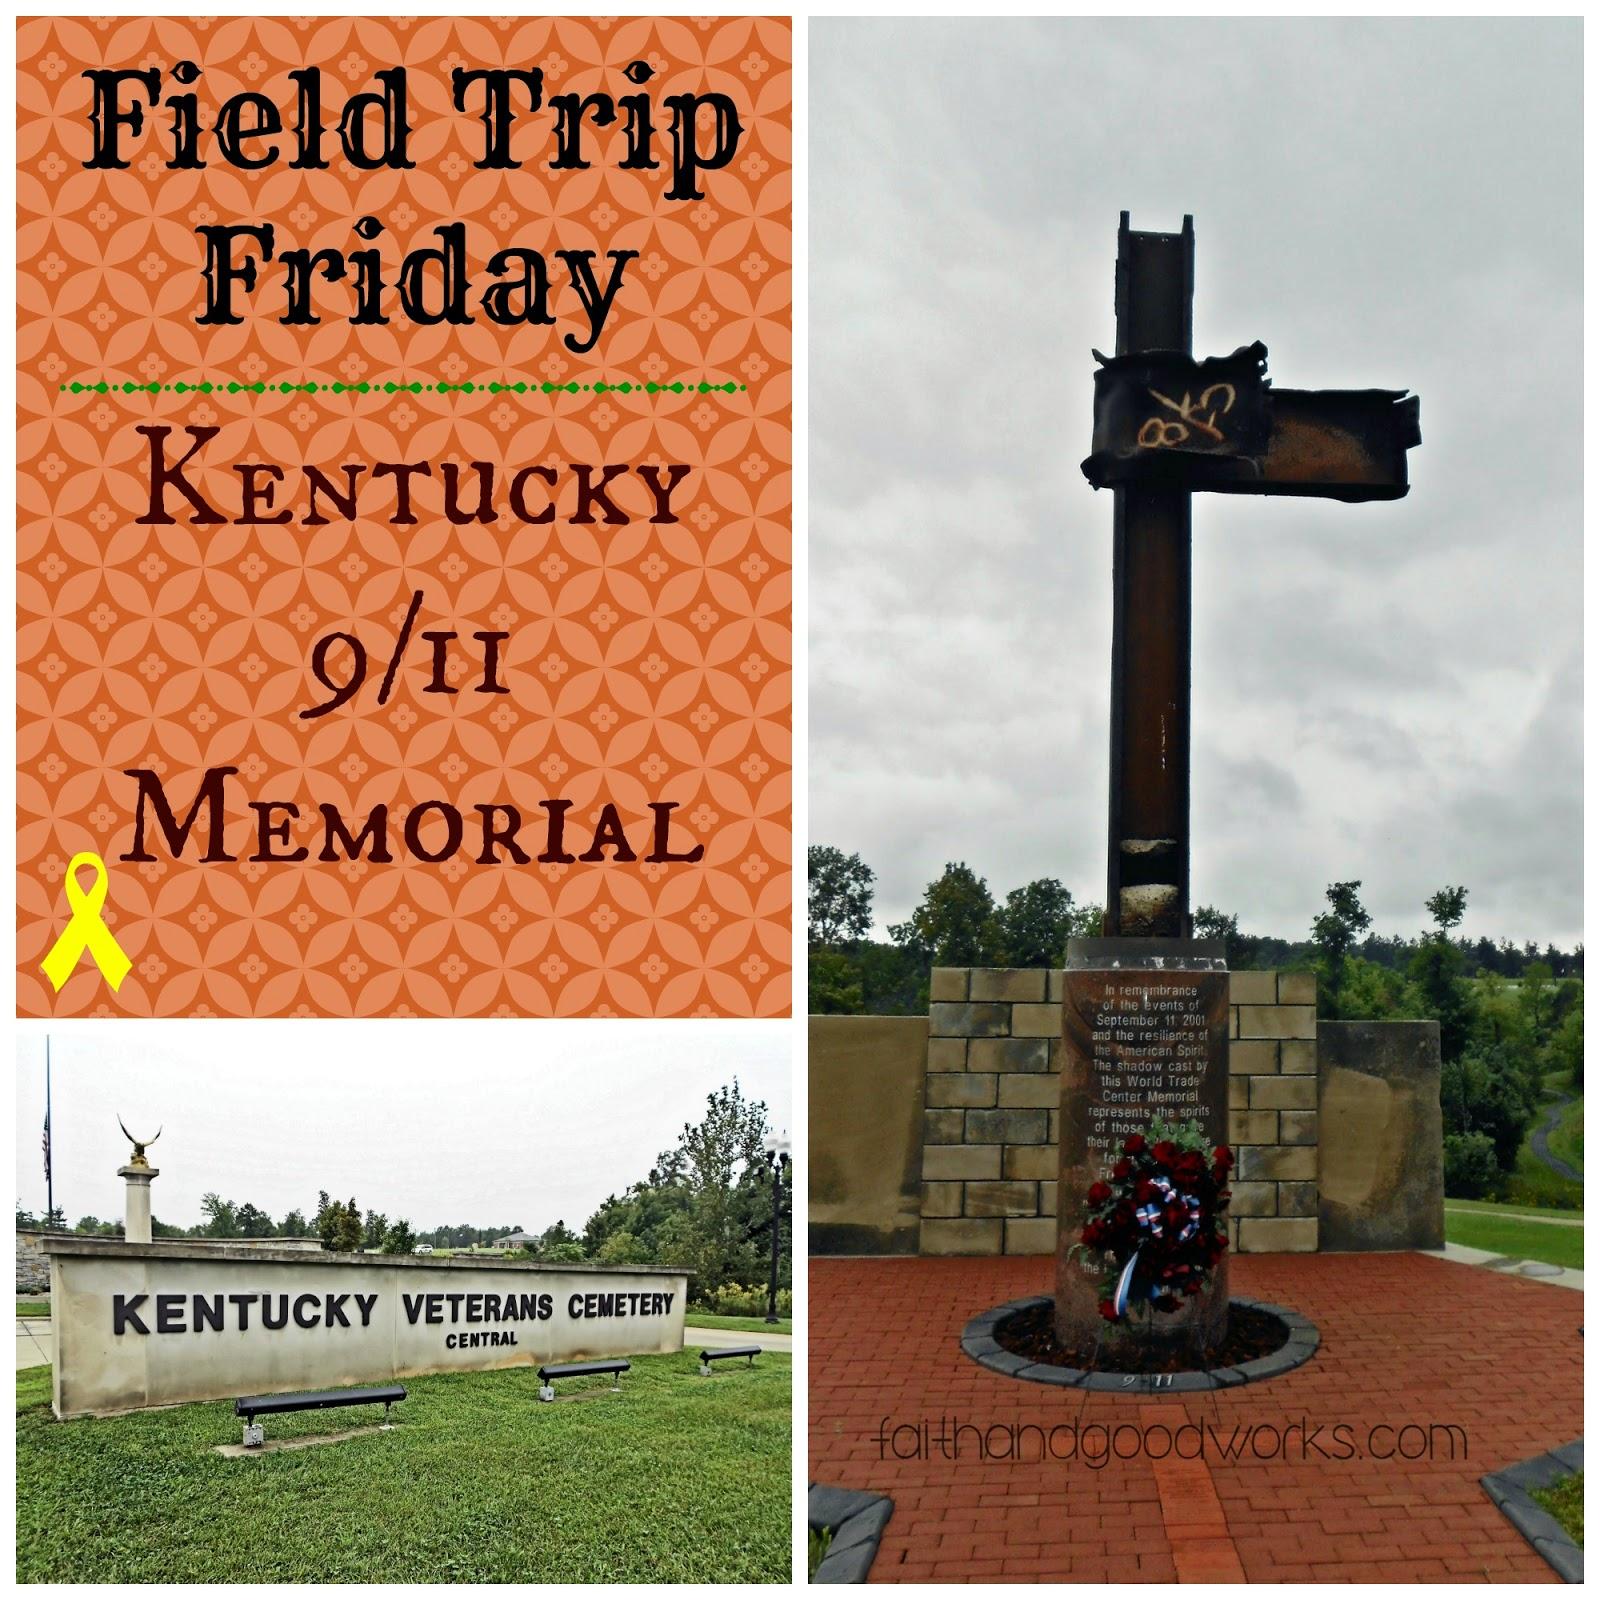 Field Trip Friday: Kentucky 9/11 Memorial